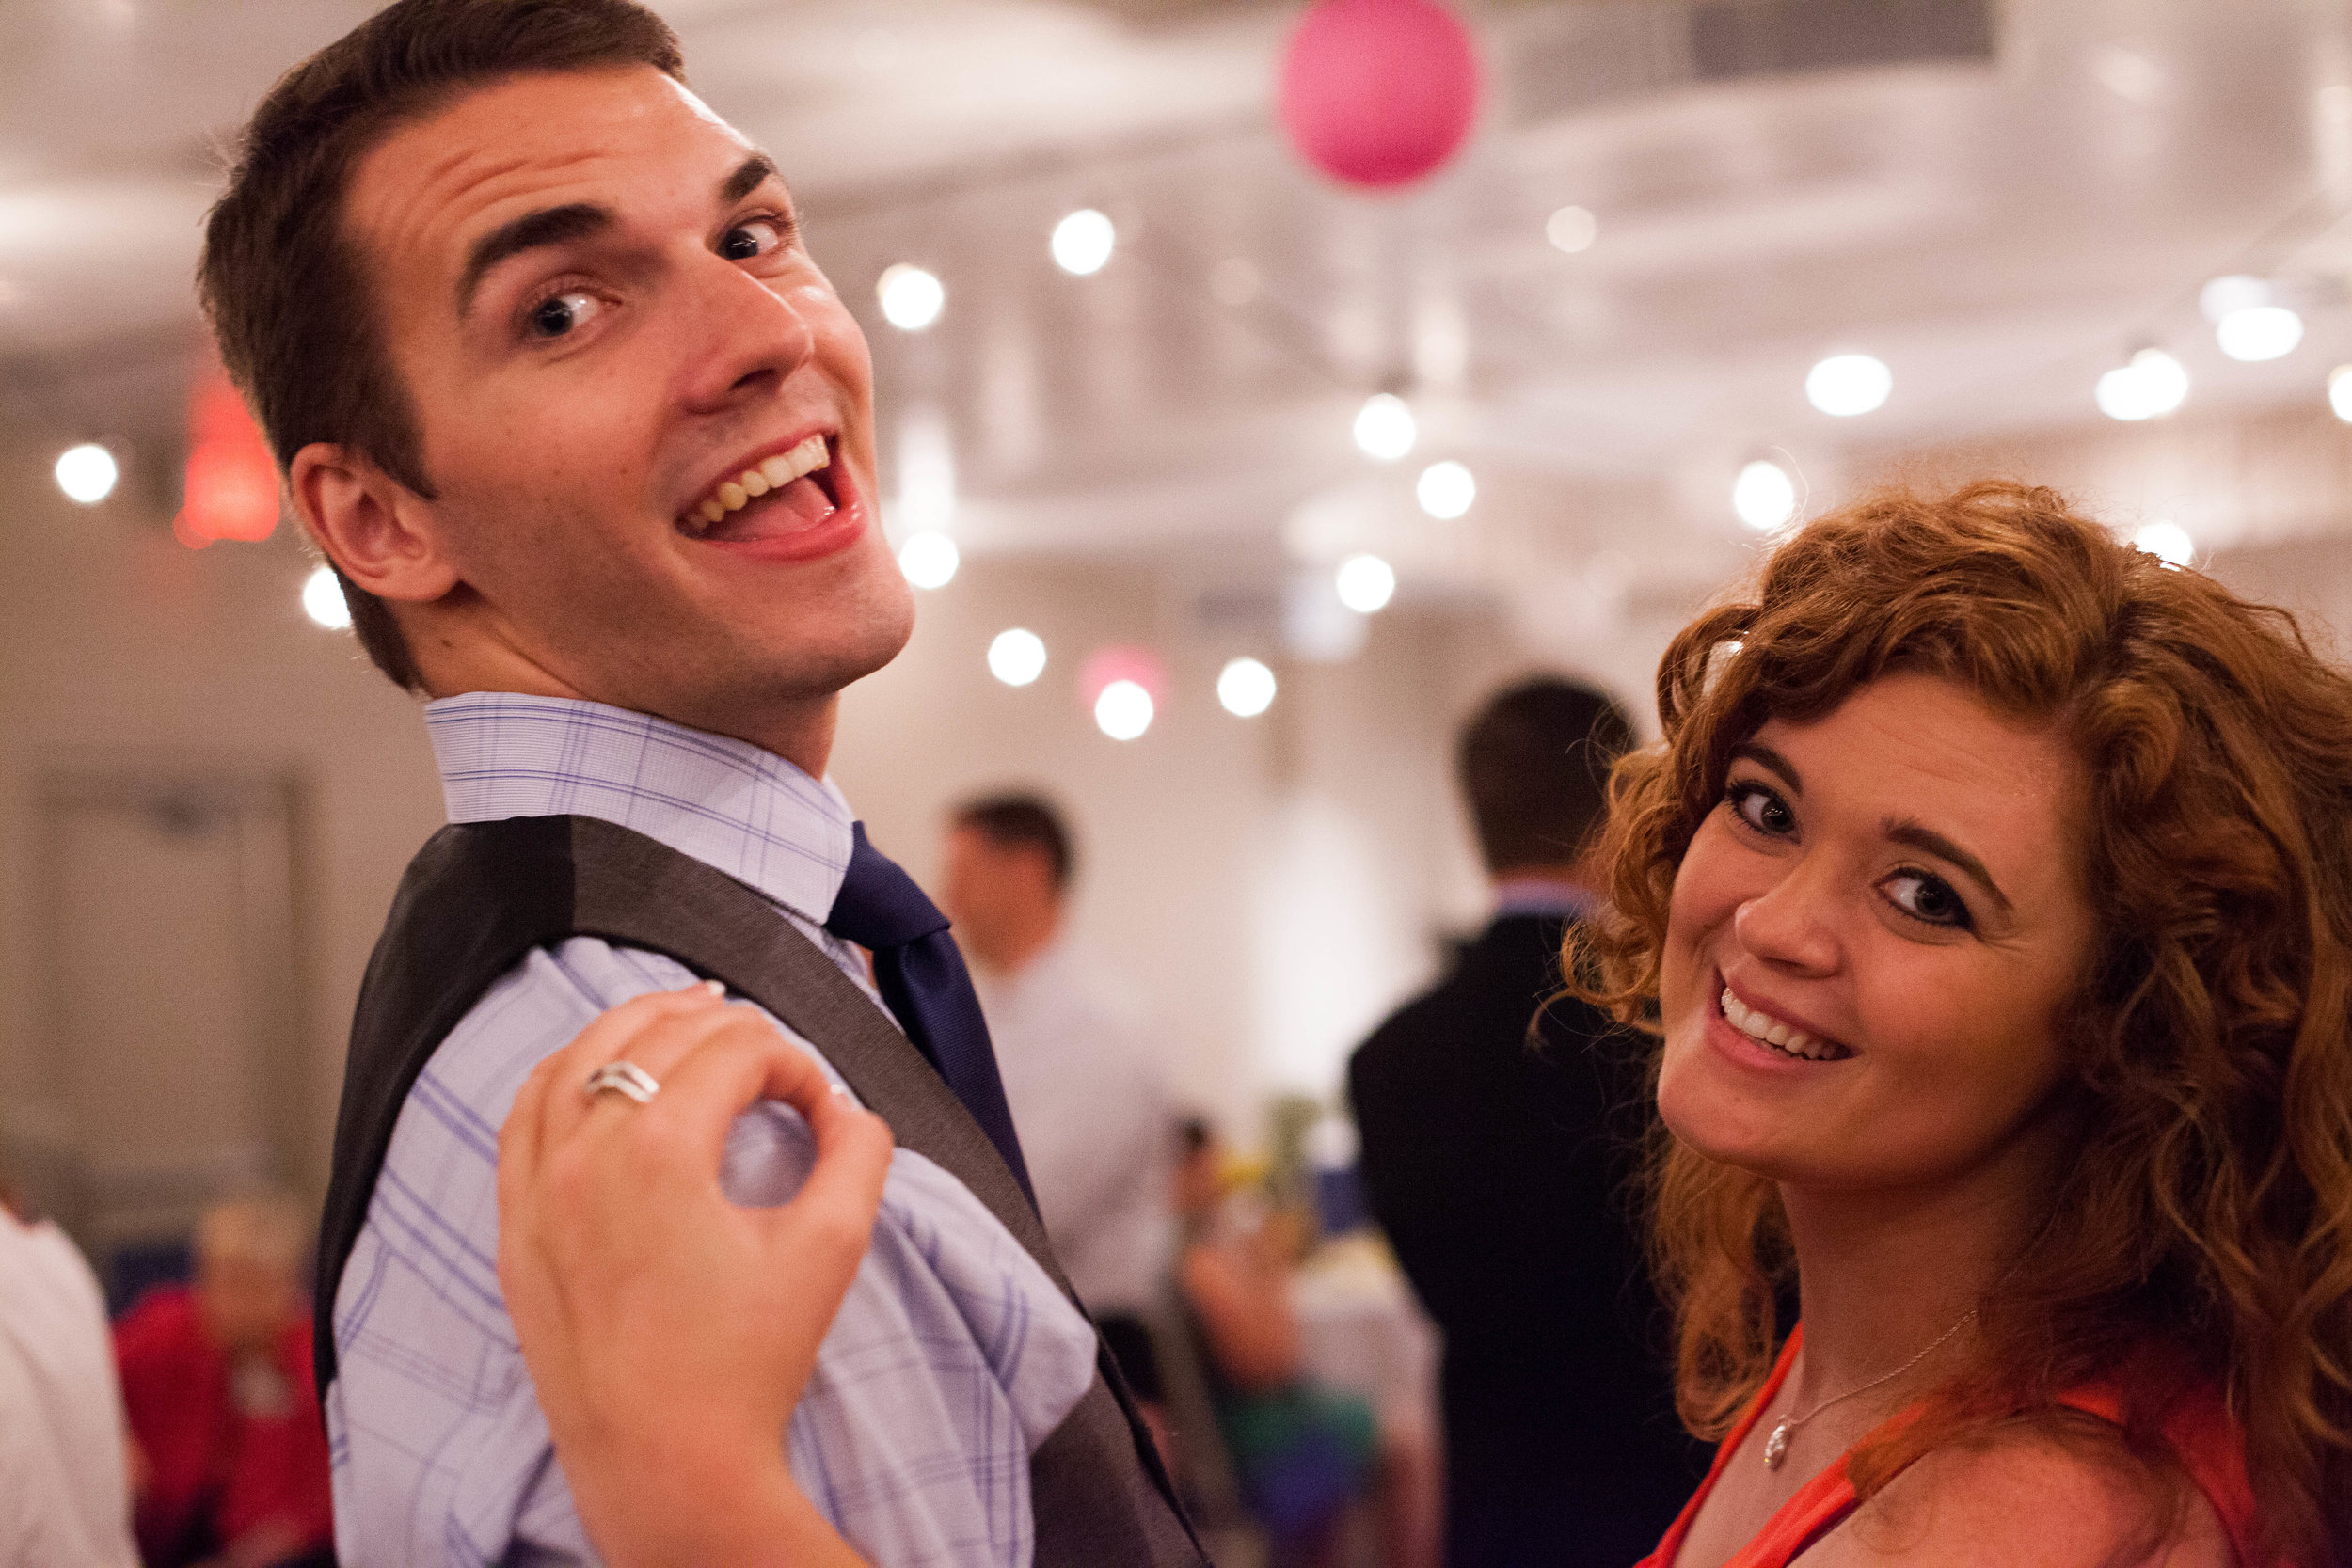 Dance Floor Marcus and Cassie